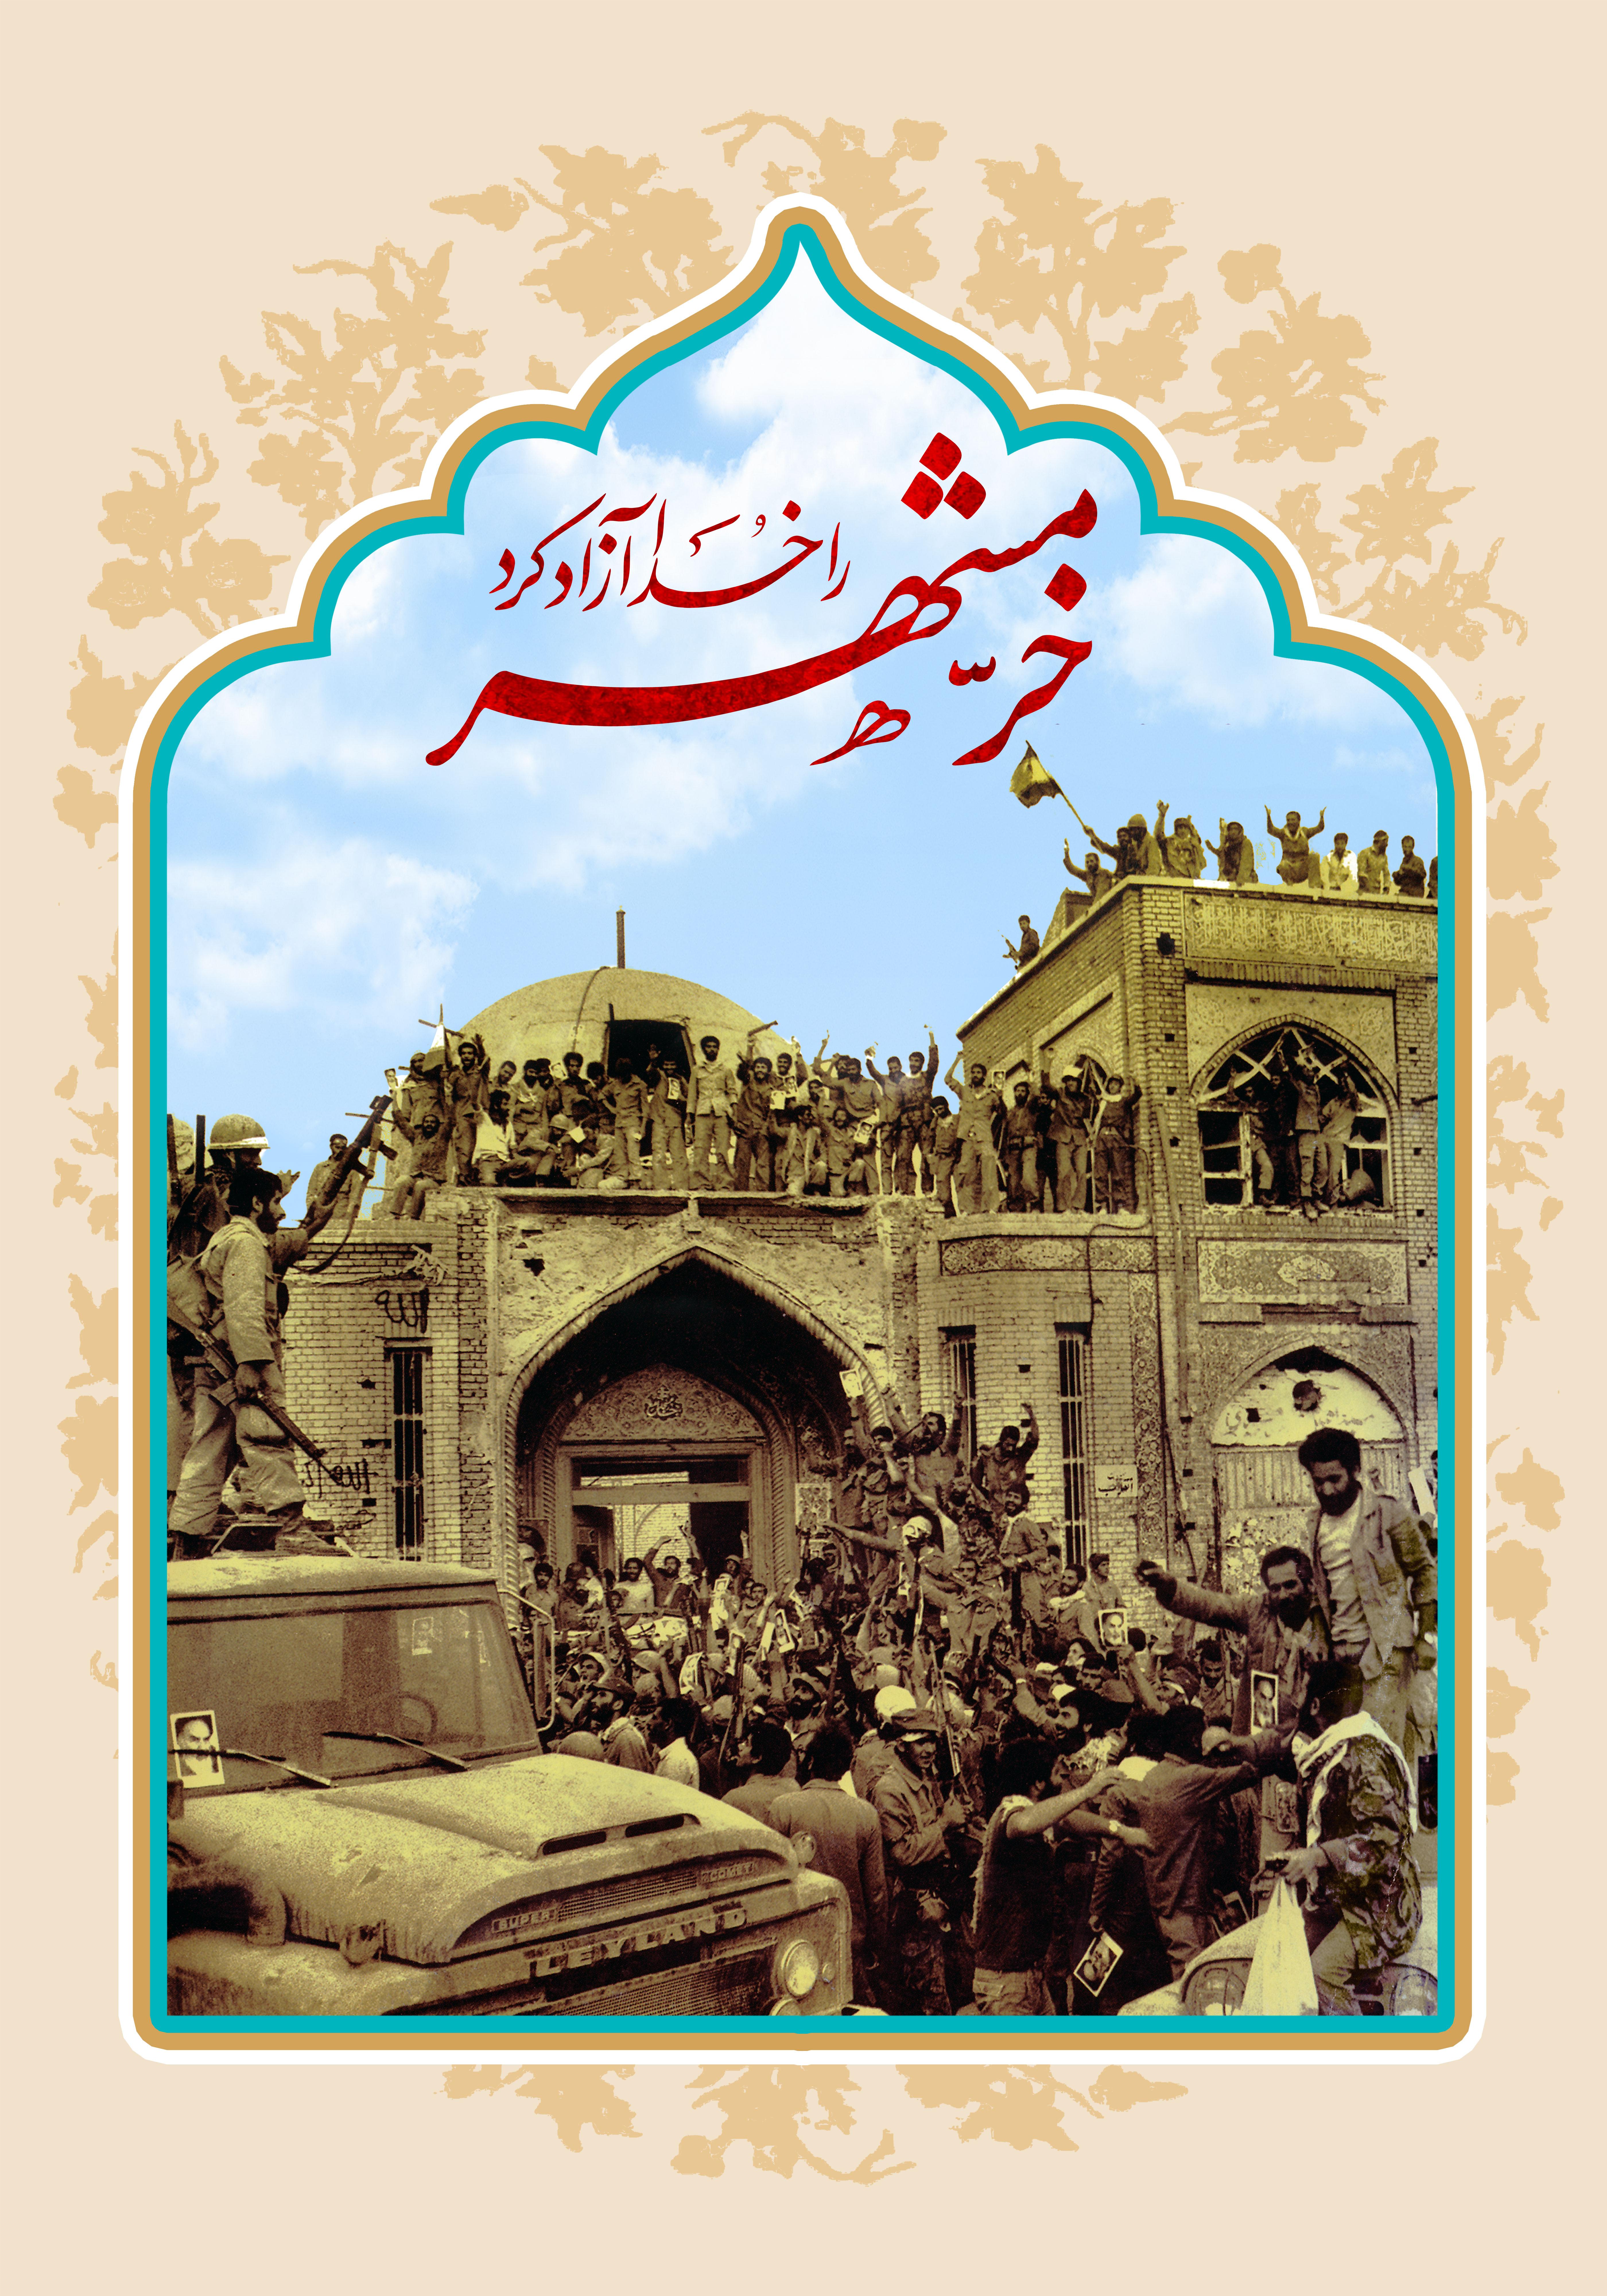 سوم خردادماه سالروز آزادسازی خرمشهر   پوستر آزادسازی خرمشهر   خرمشهر را خدا آزاد کرد